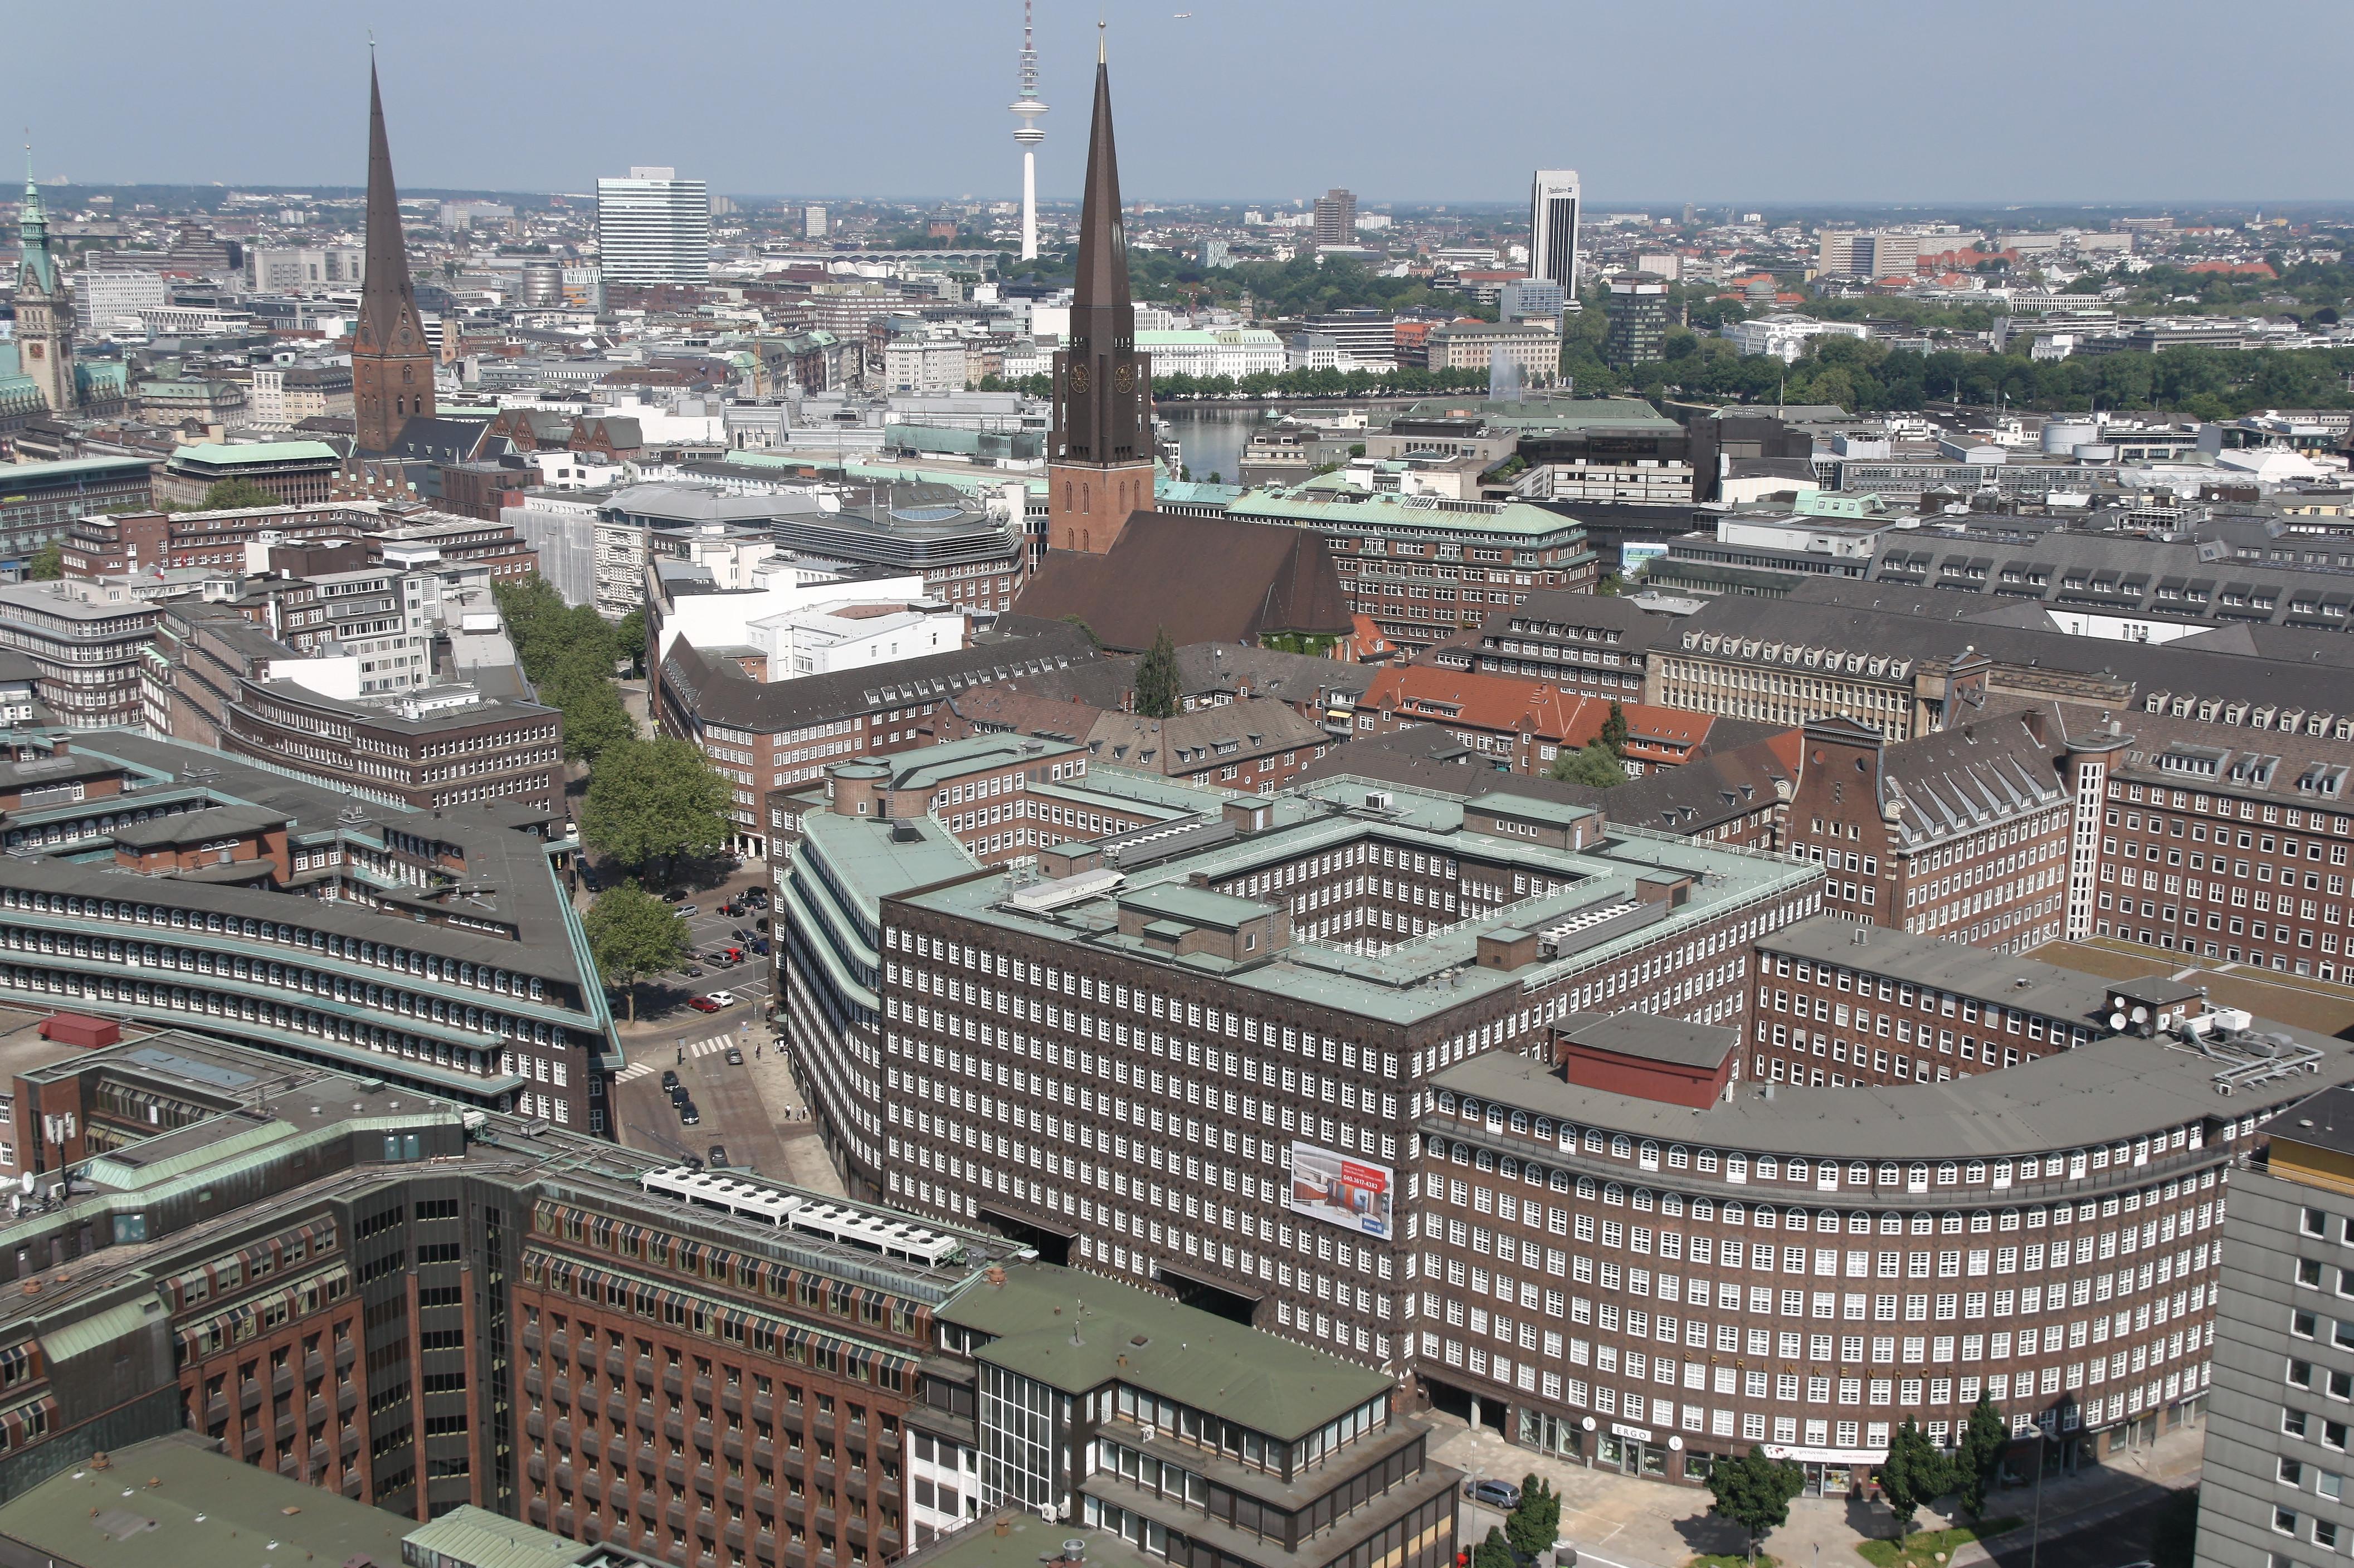 Nh Hotel Hamburg Mitte Renovierung